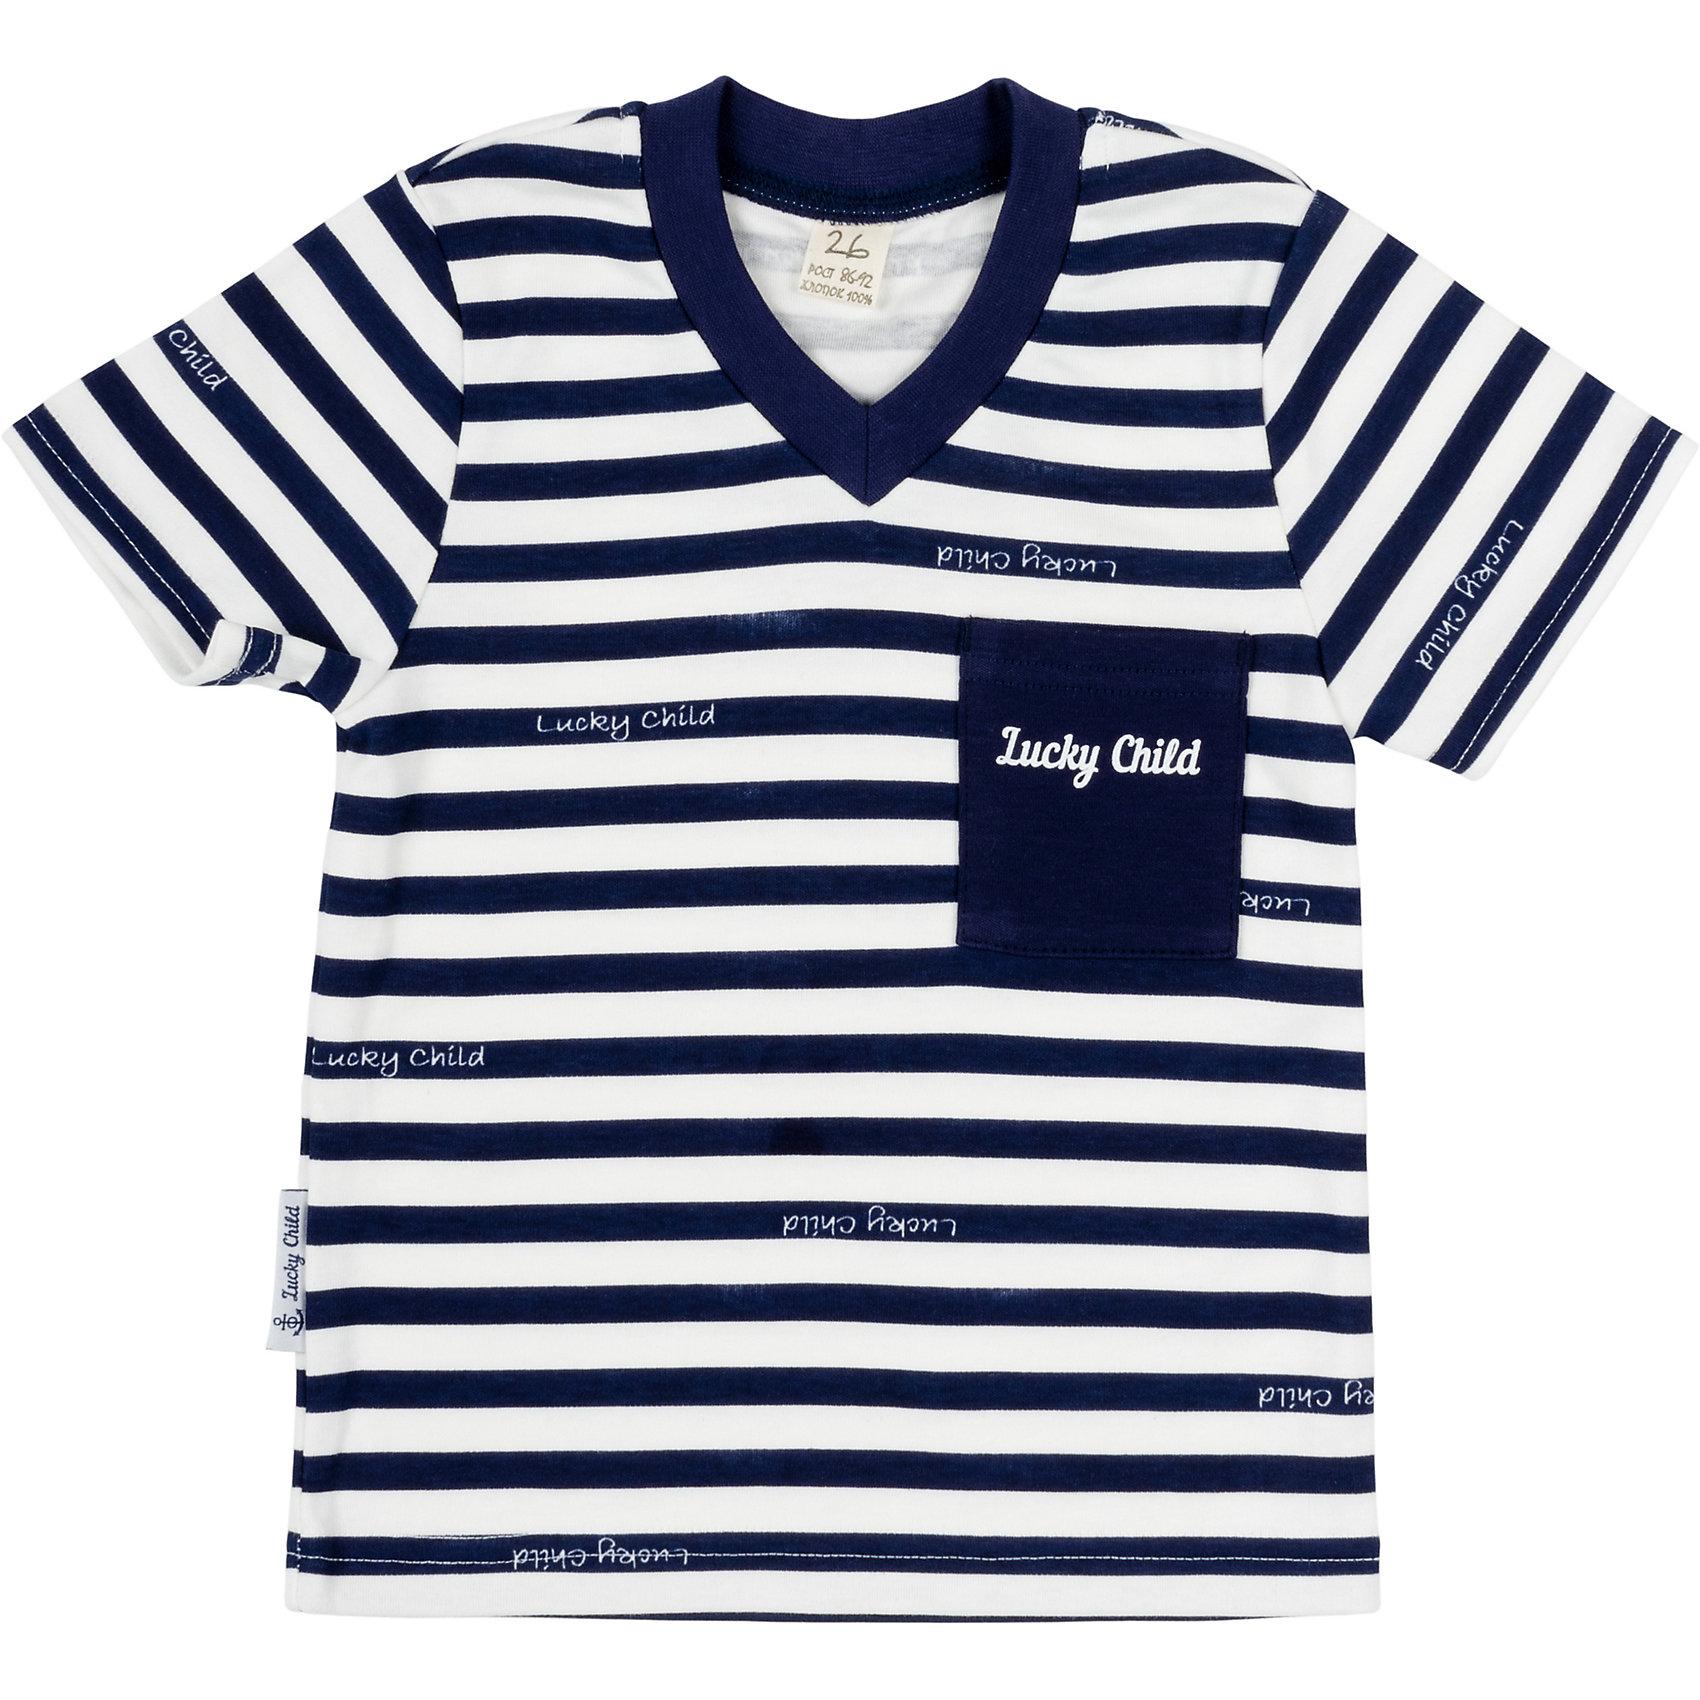 Комплект футболок (2 шт.) для мальчика Lucky ChildФутболки, топы<br>Комплект футболок (2 шт.) для мальчика Lucky Child<br>Как это здорово иметь удобную, мягкую  и стильную футболку. А лучше две! Например, комплект футболок из новой коллекции «Лазурный берег» от Lucky Child. Вы можете менять их согласно своему настроению или расположению звезд на небе. Самое главное – качество, всегда останется неизменным.<br>Состав : 100% хлопок<br><br>Ширина мм: 157<br>Глубина мм: 13<br>Высота мм: 119<br>Вес г: 200<br>Цвет: синий<br>Возраст от месяцев: 6<br>Возраст до месяцев: 9<br>Пол: Мужской<br>Возраст: Детский<br>Размер: 68/74,74/80,116/122,110/116,98/104,92/98,86/92,80/86,122/128,128/134,104/110<br>SKU: 4807162